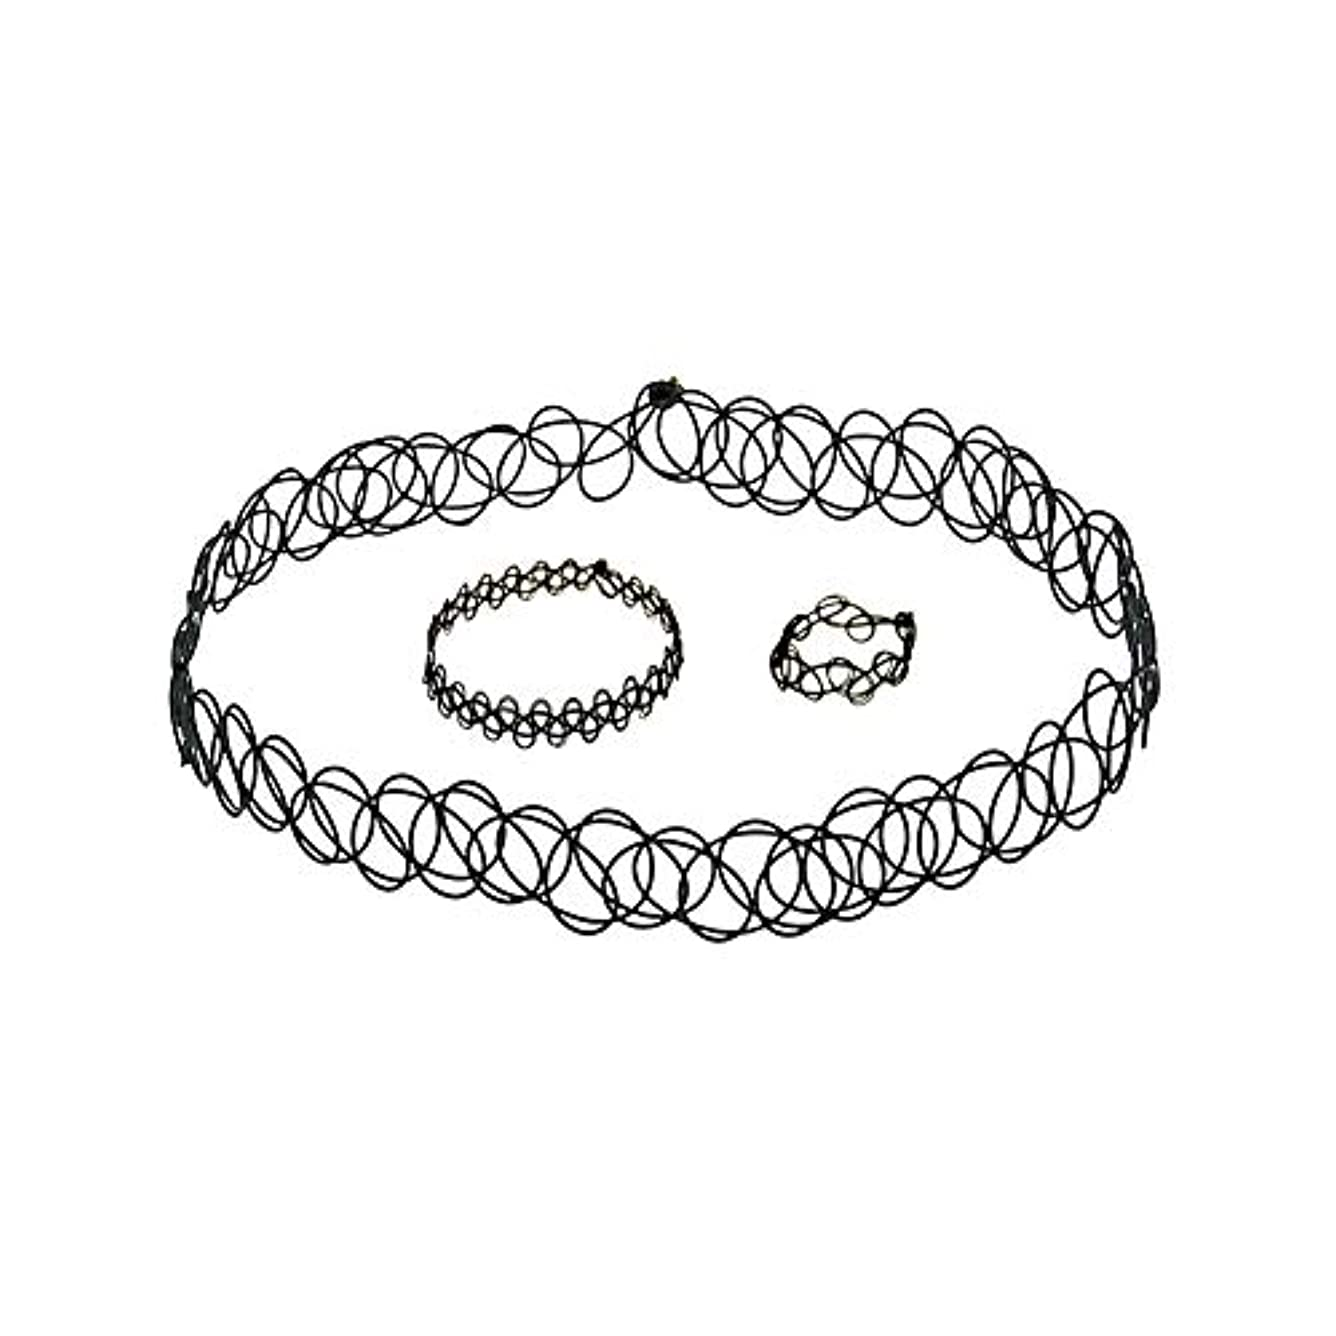 故国不器用検出可能3 PCSタトゥーチョーカーゴシックタトゥーヘナセット伸縮ネックレスブレスレットと指輪女性の女の子